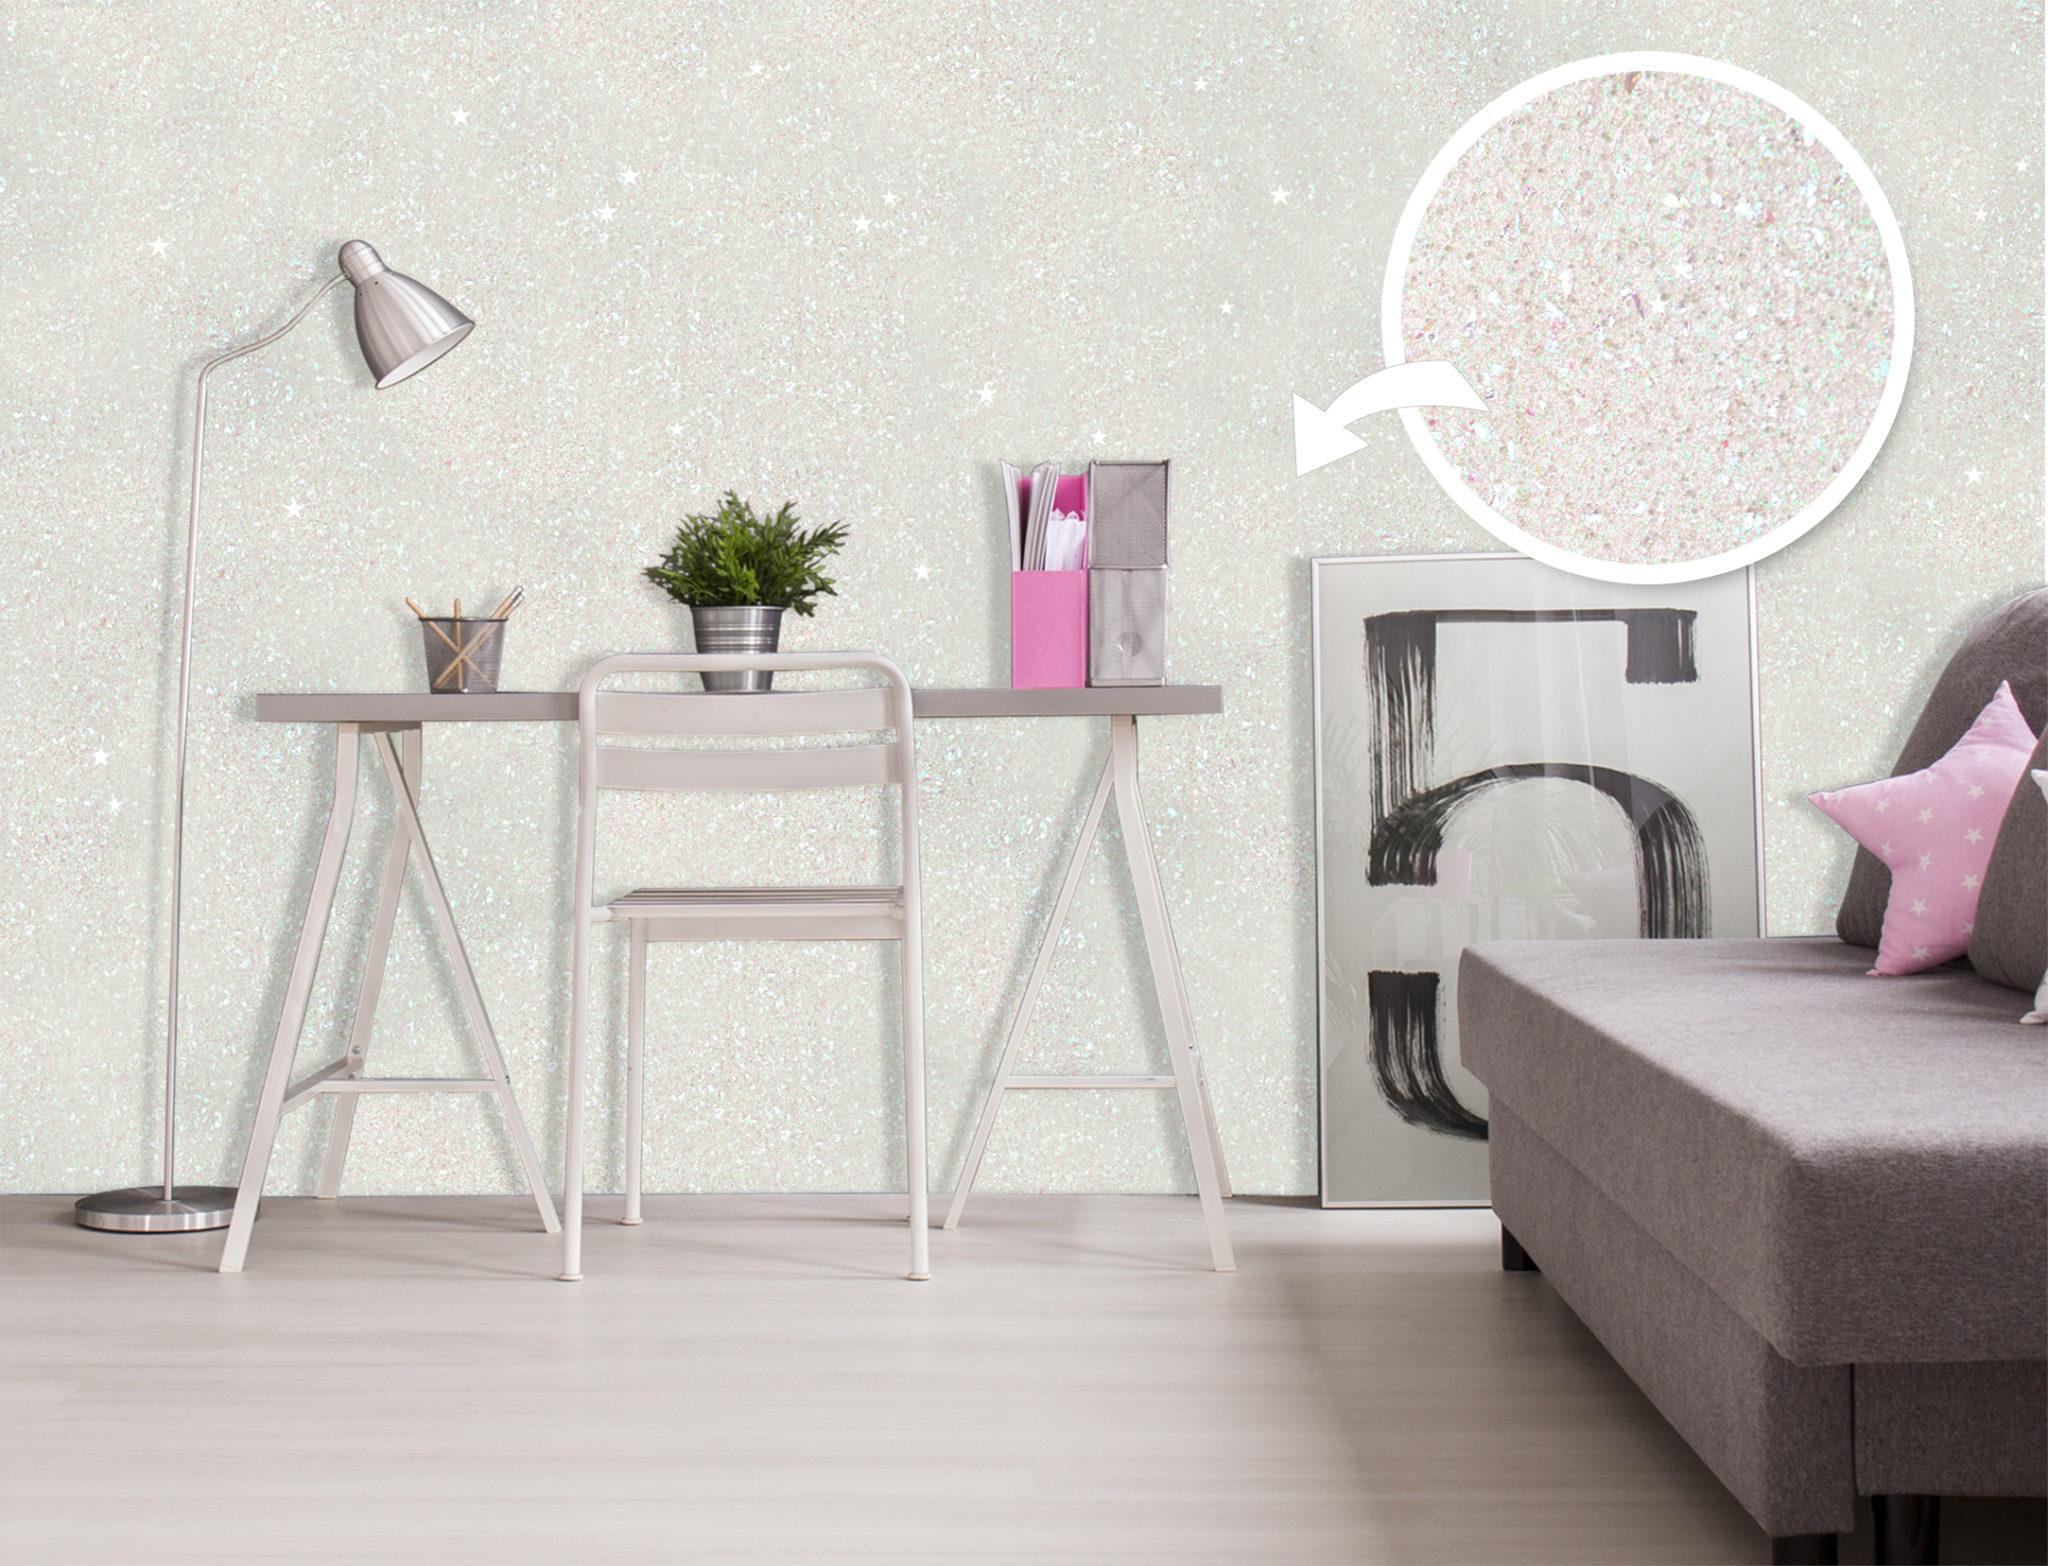 willkommen im einhorn wunderland. Black Bedroom Furniture Sets. Home Design Ideas